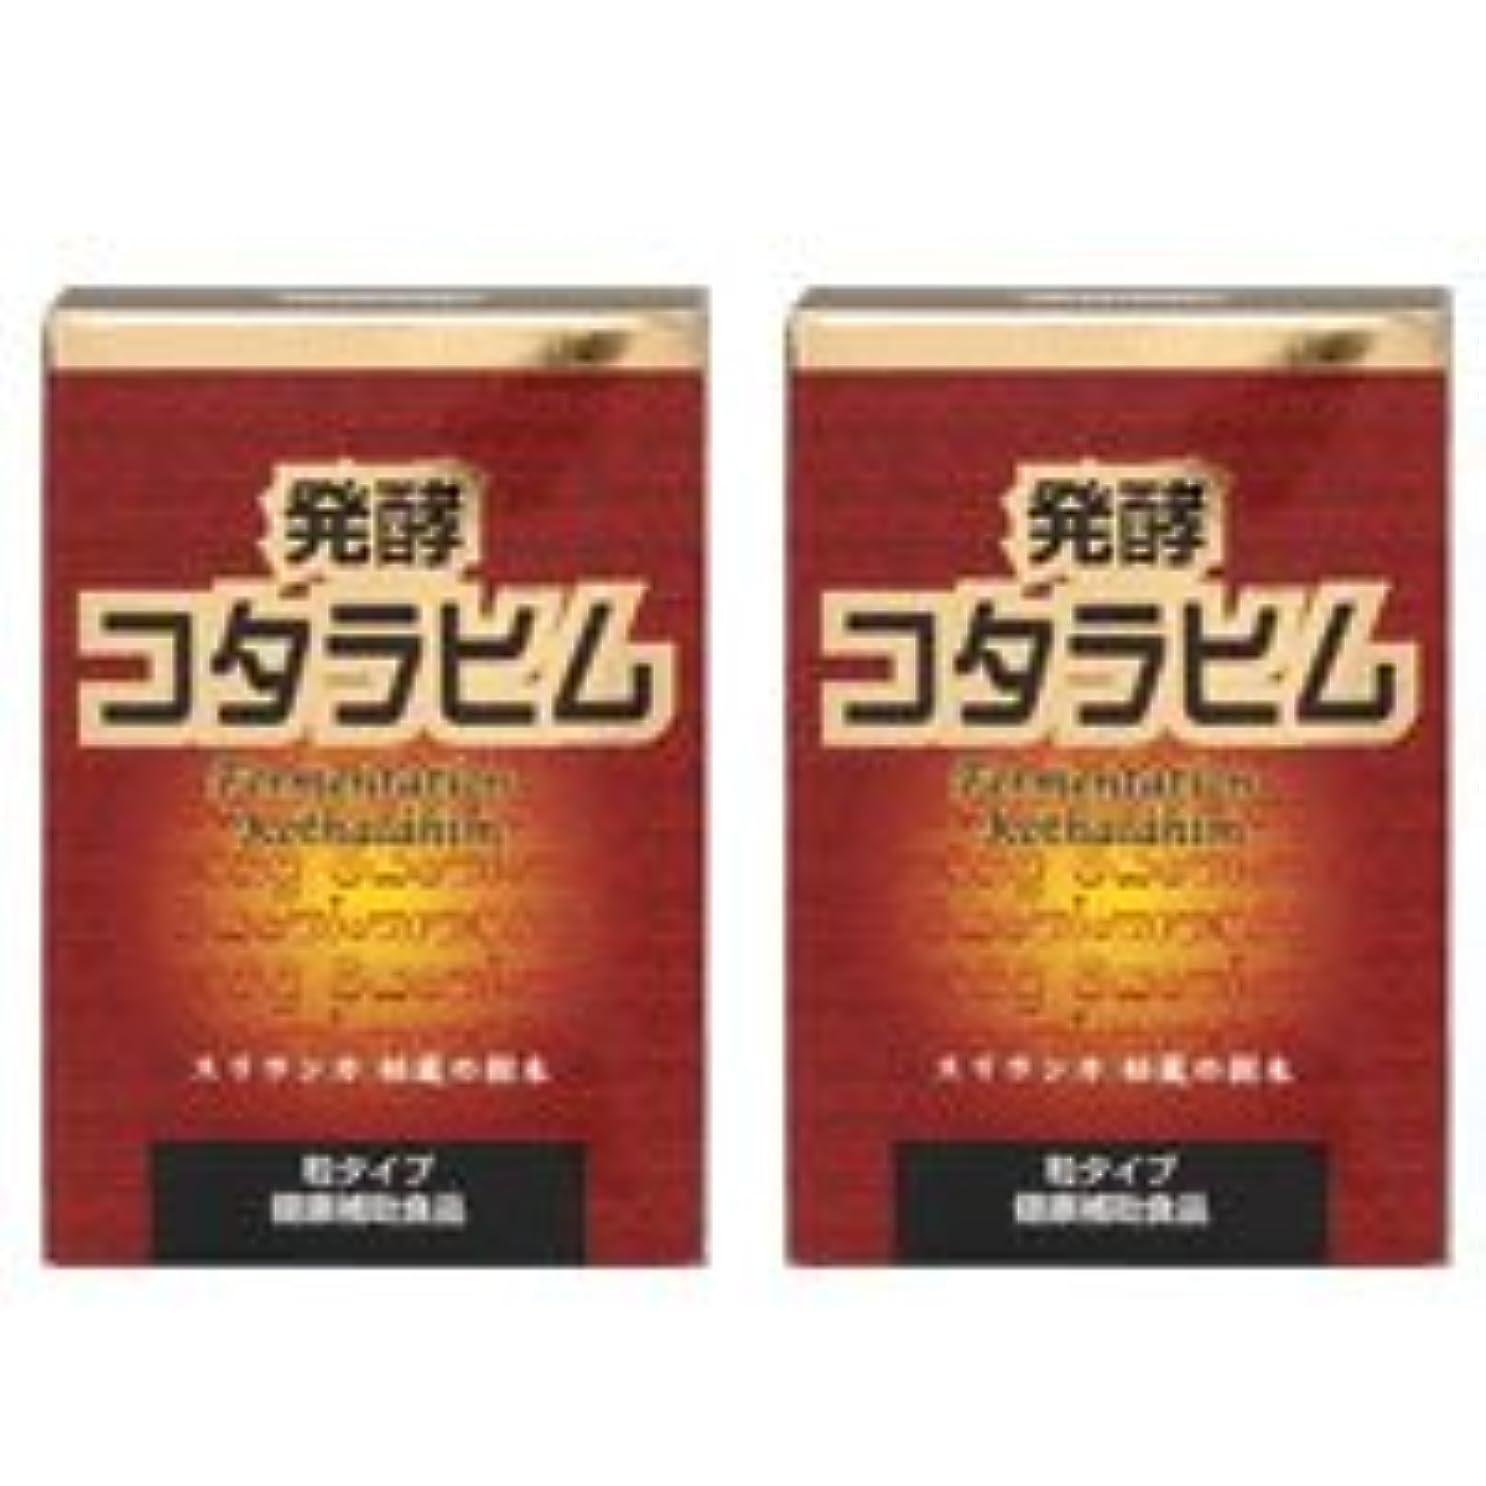 団結仕様呼吸発酵コタラヒム2個セット【糖を変化させるコタラヒム】